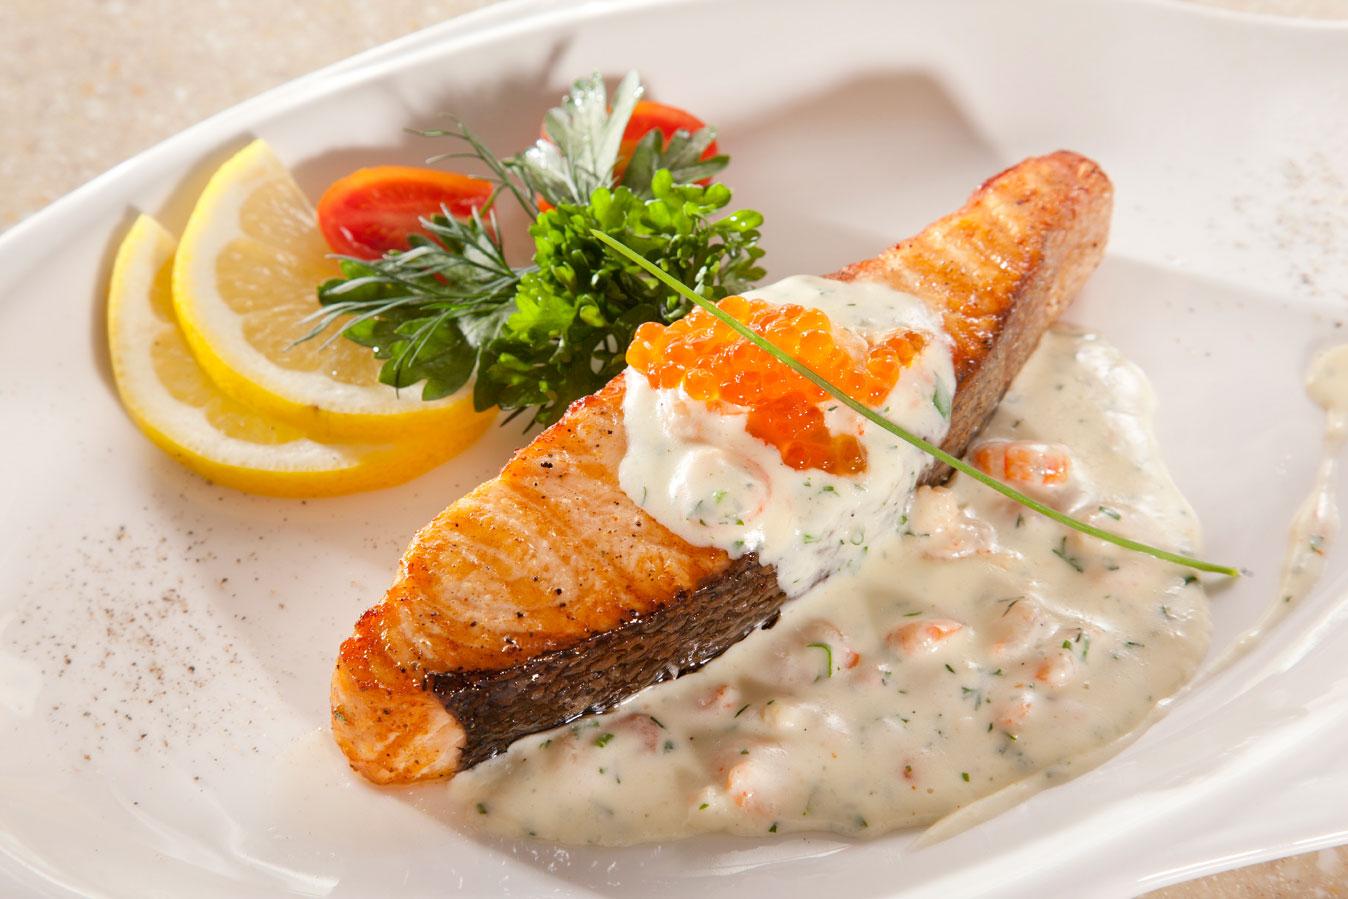 рыба под белым соусом рецепт с фото обсудить все заранее